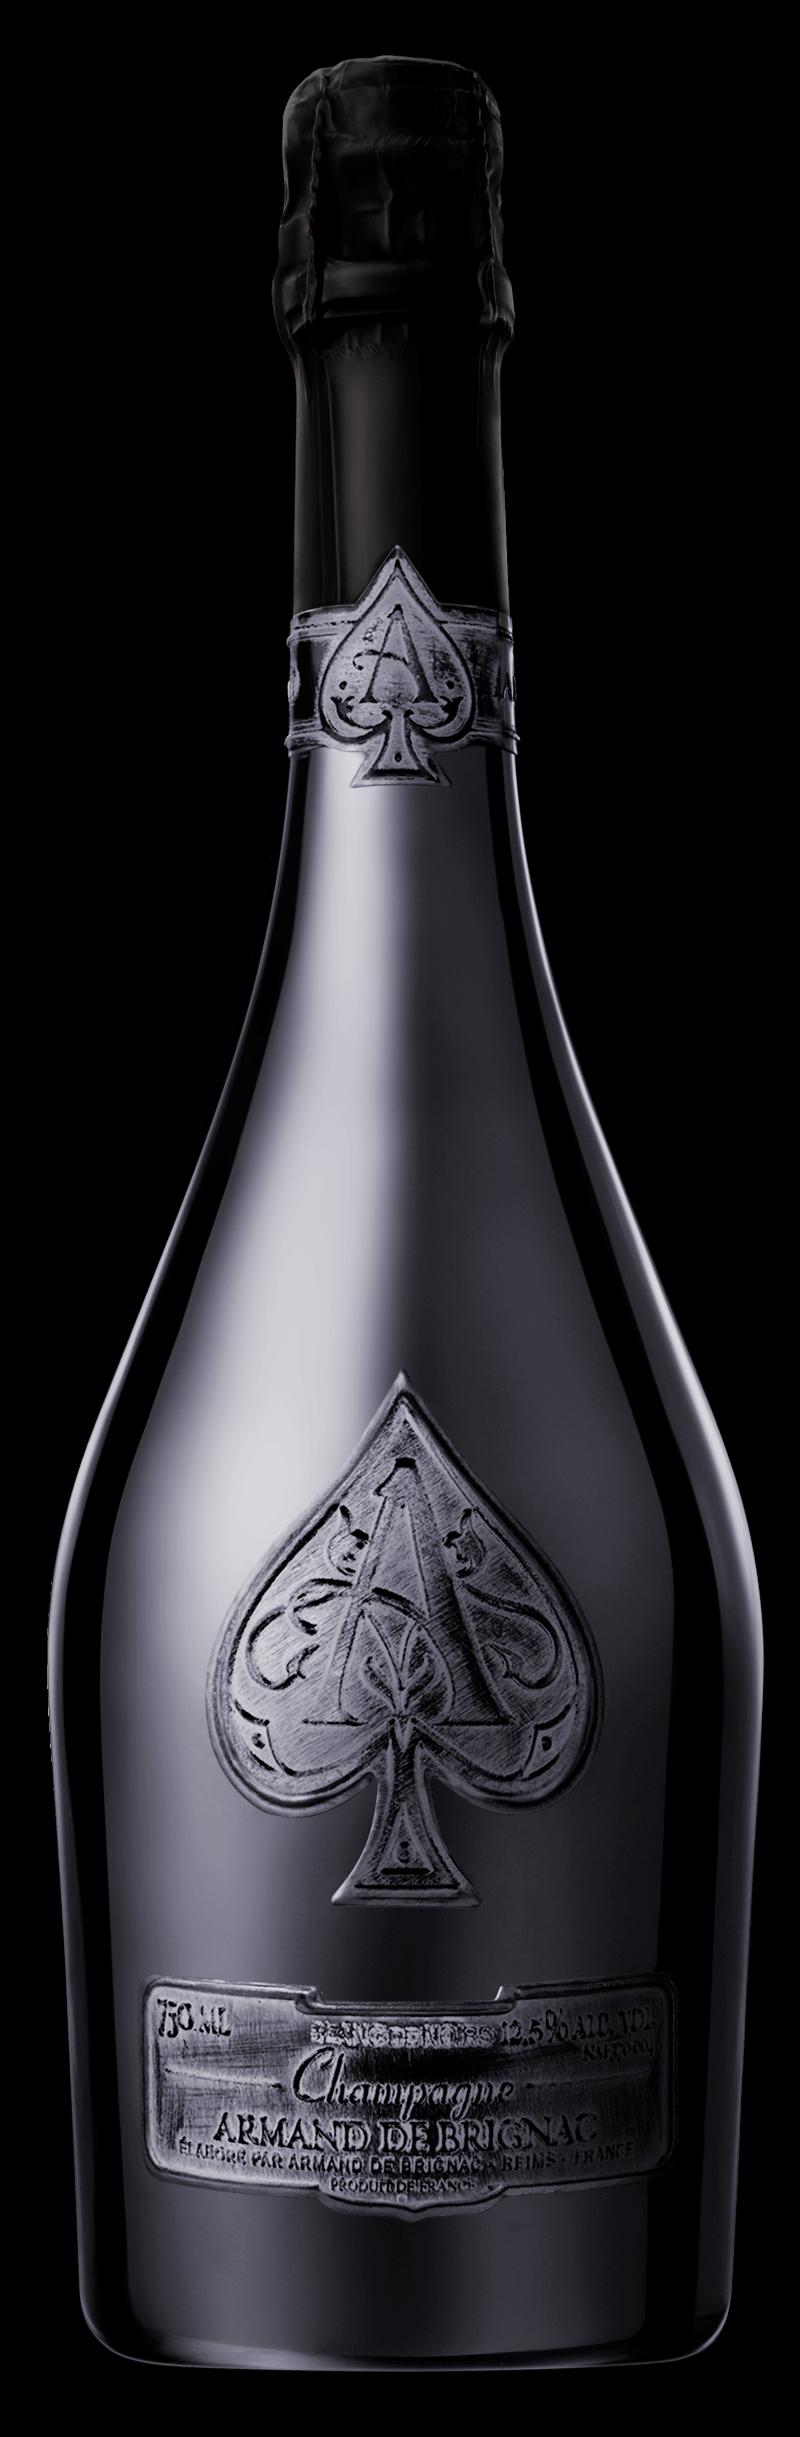 Blanc de Noirs Assemblage Two - Armand de Brignac Champagne